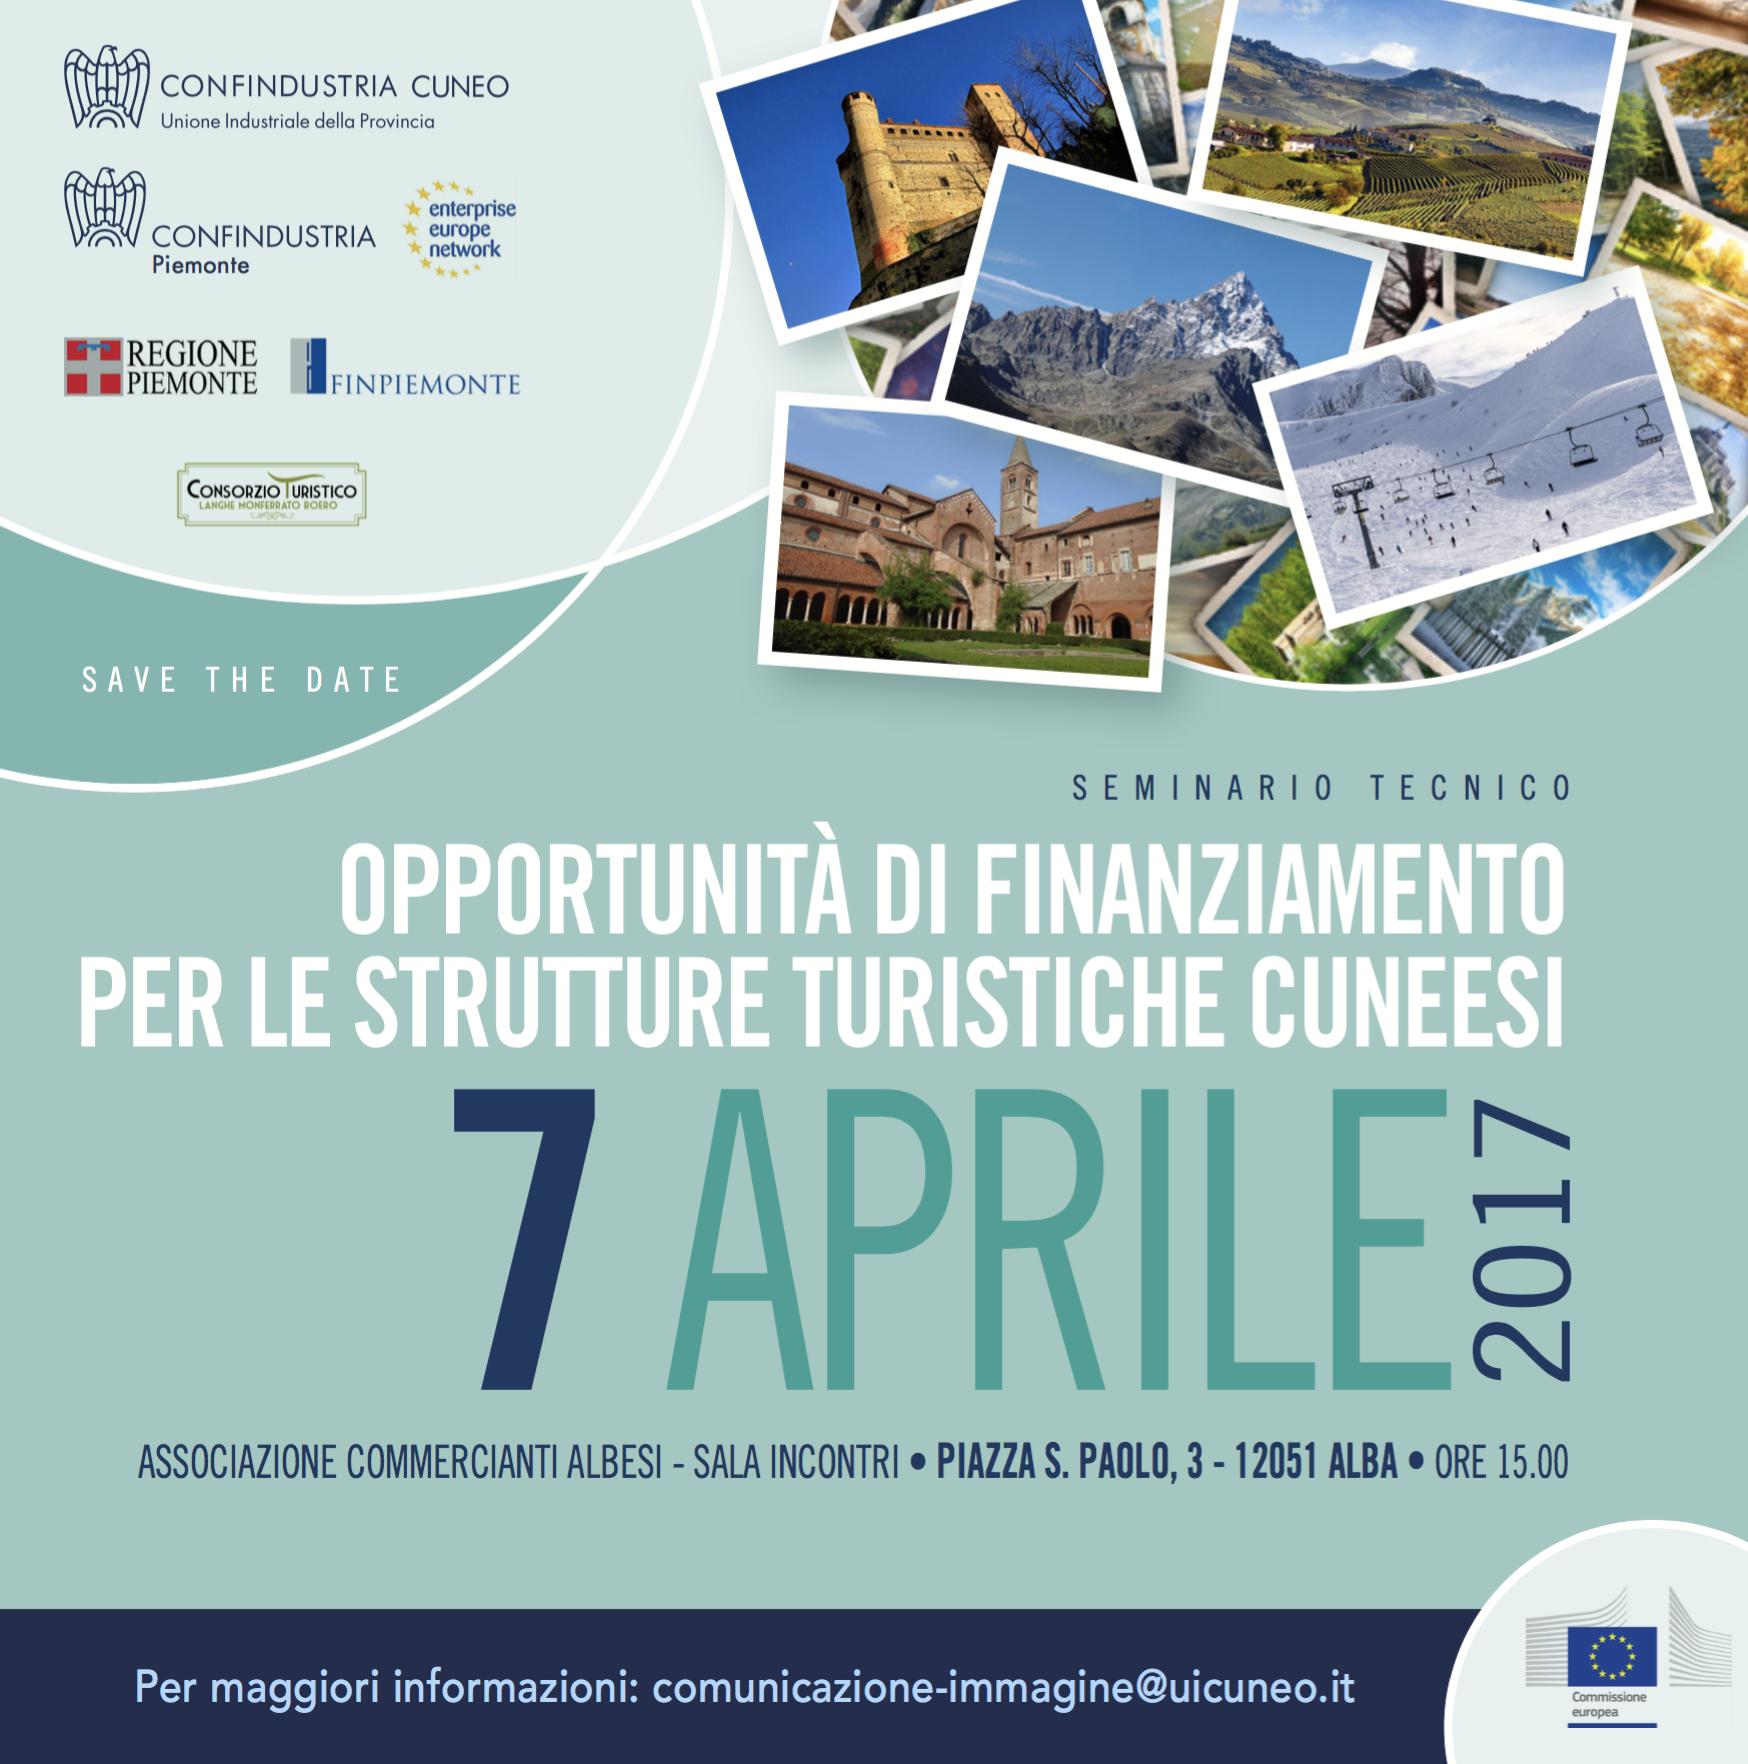 La Guida - Opportunità di finanziamenti per strutture turistiche